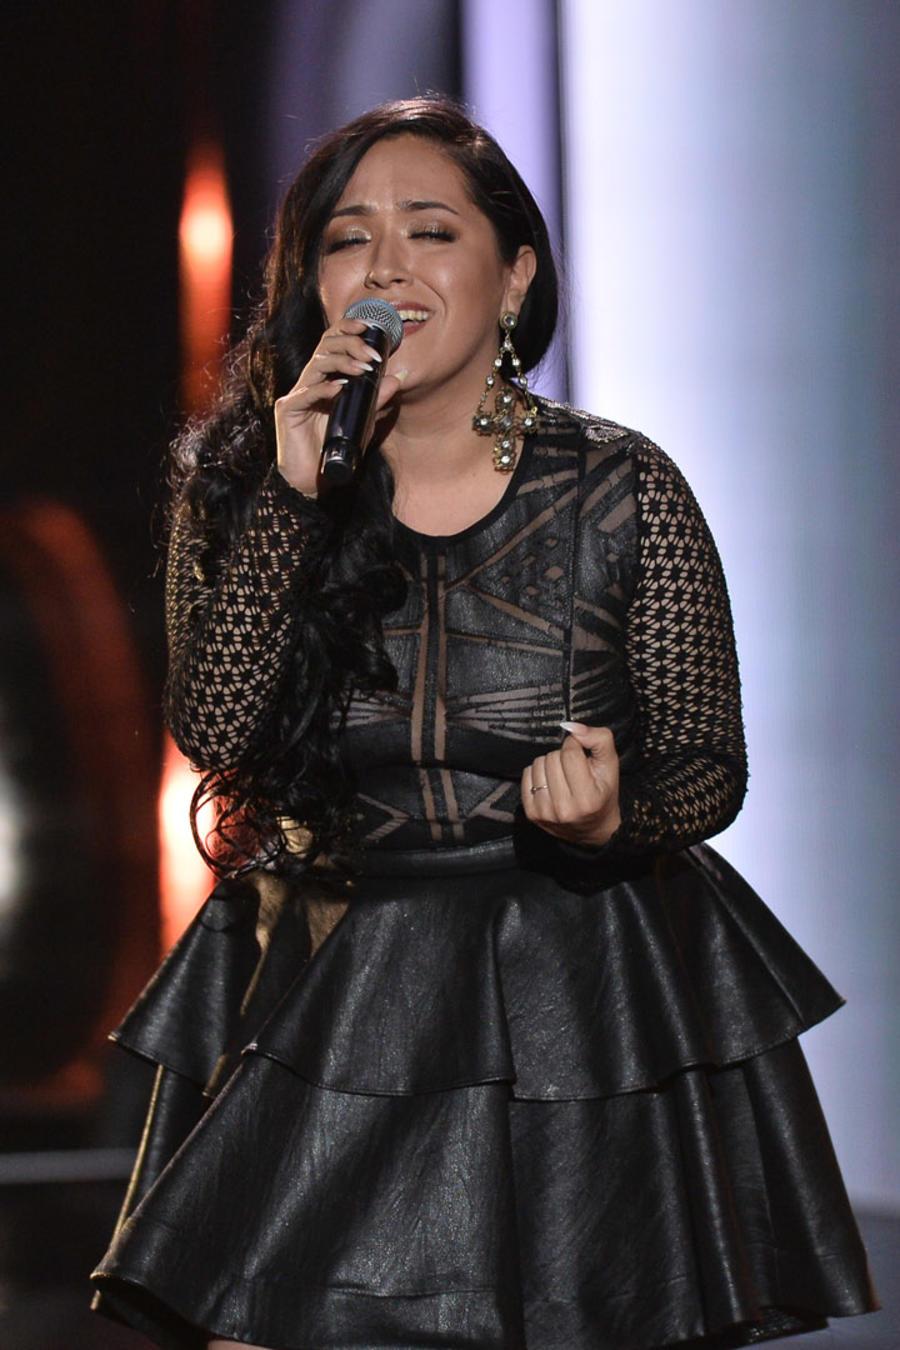 Janine Rivera en las audiciones a ciegas de La Voz US 2